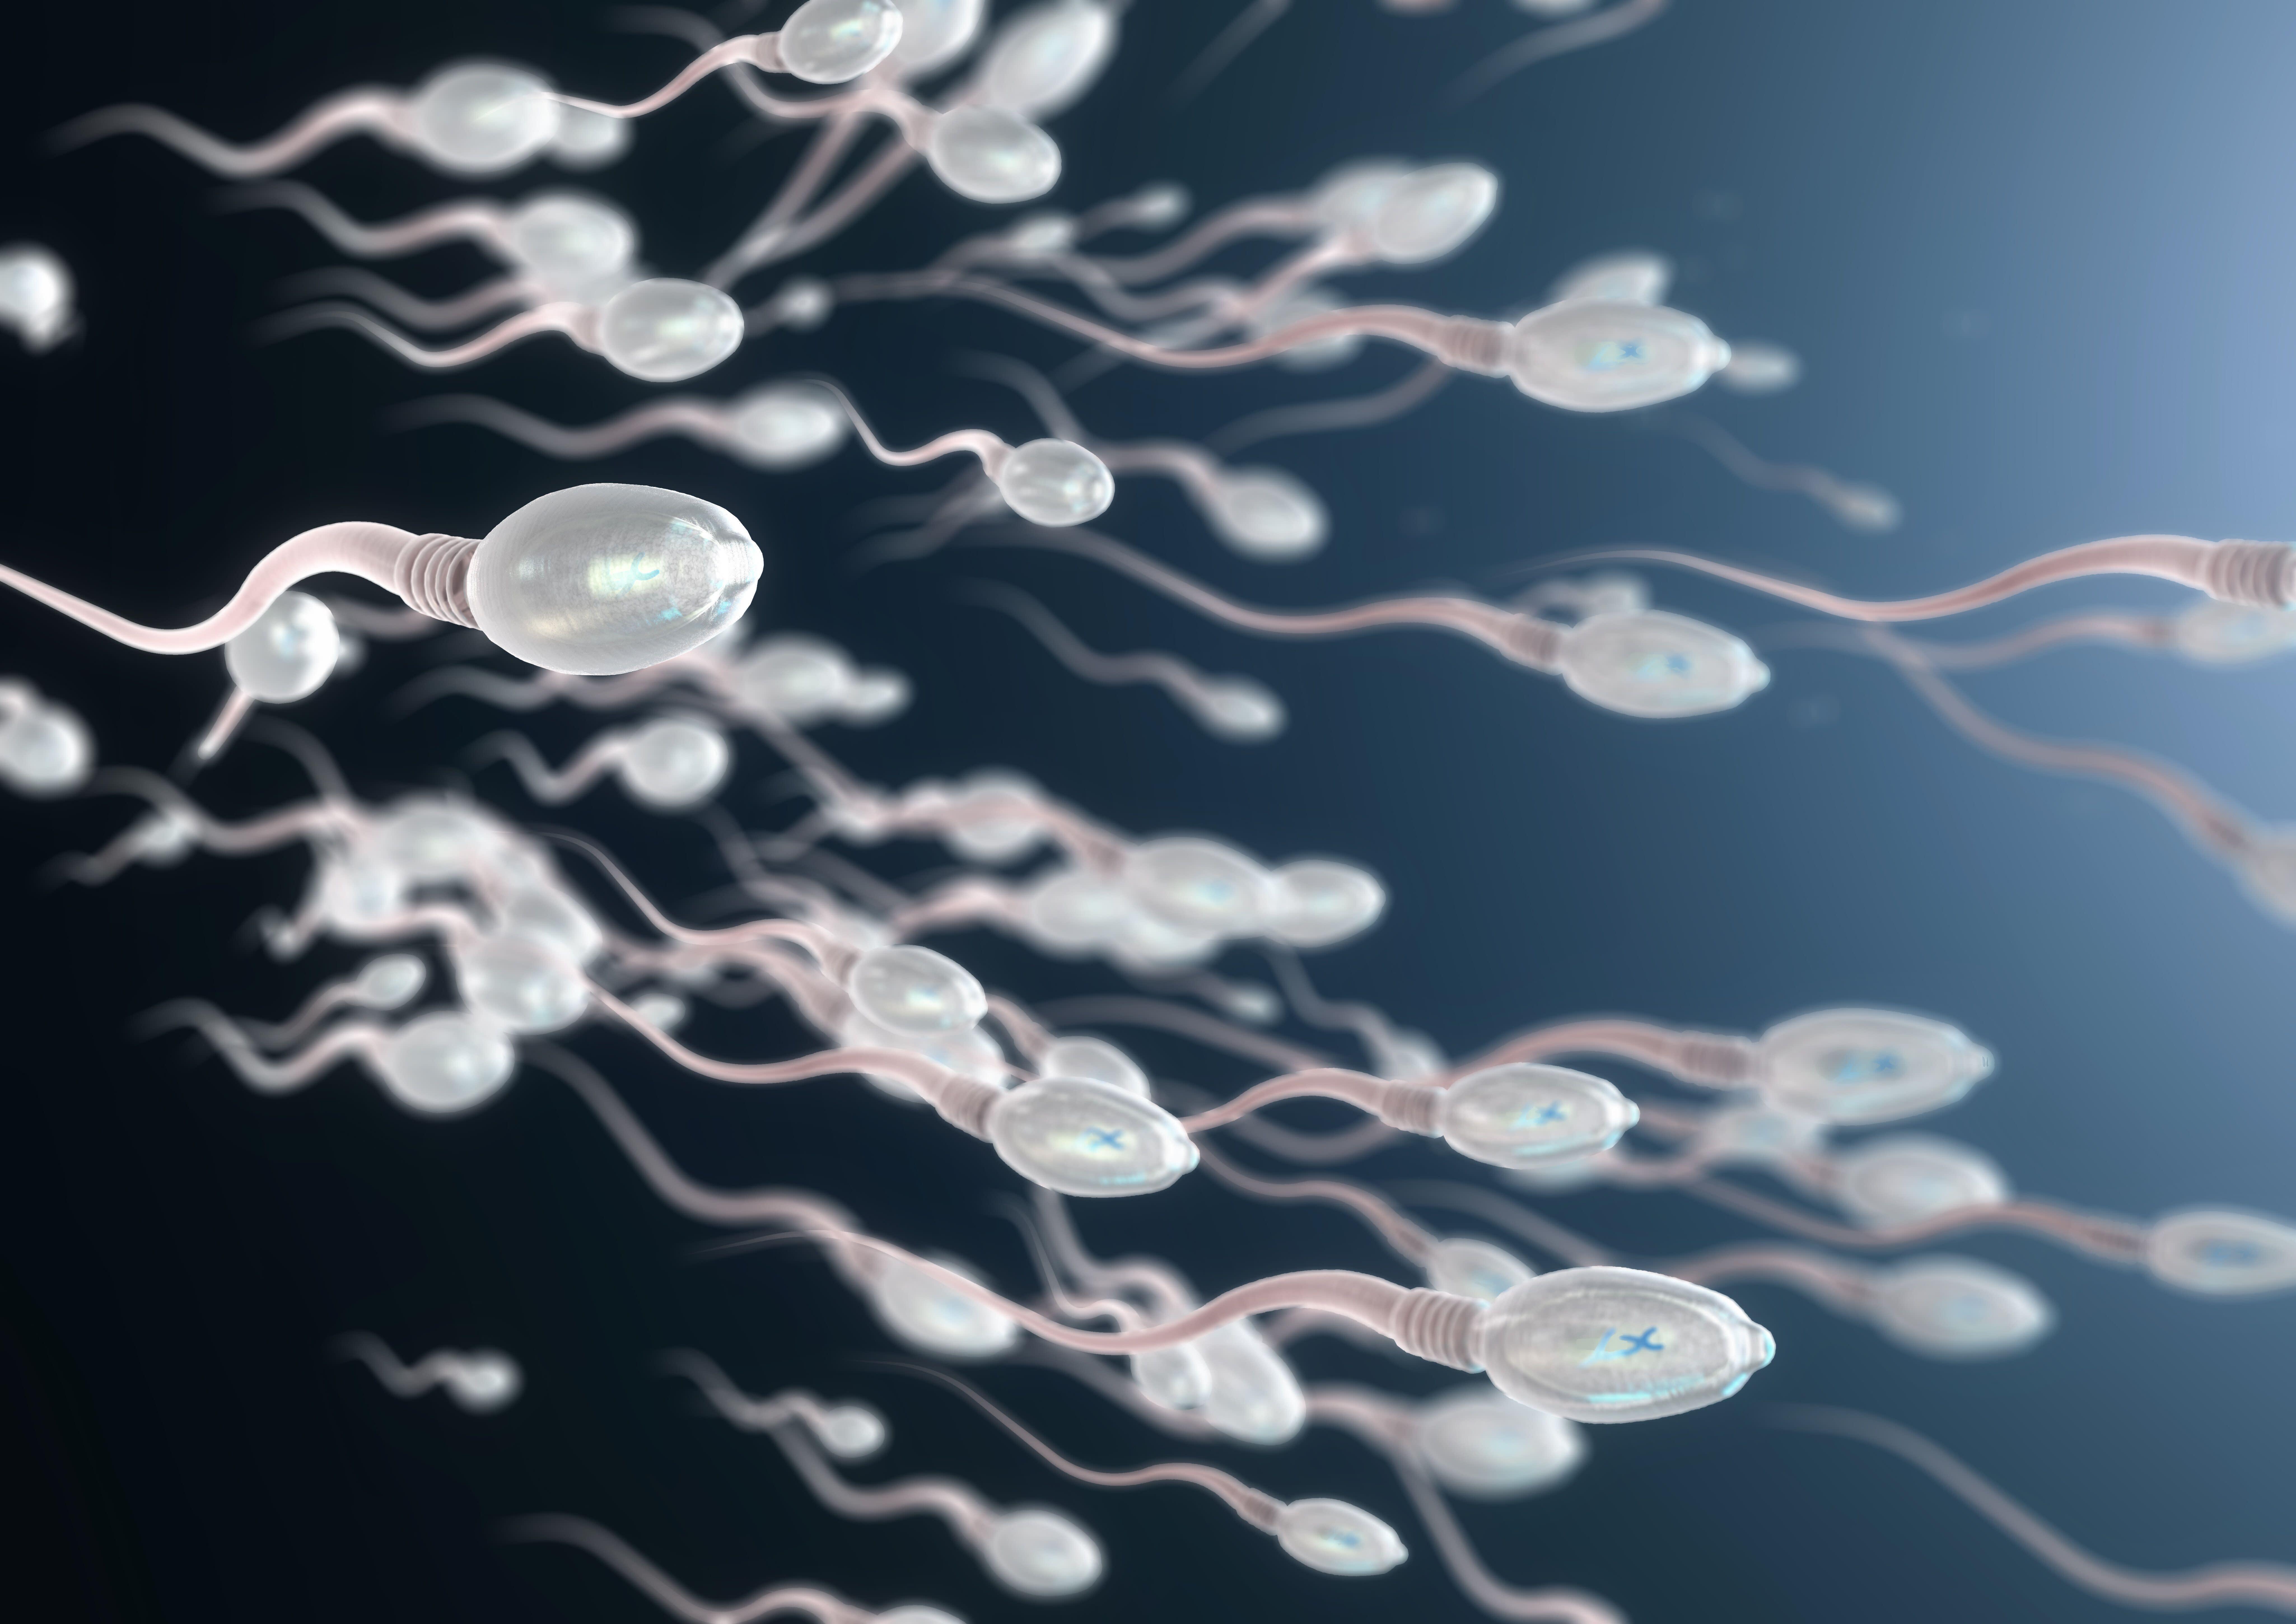 porn-sex-poor-sperm-motility